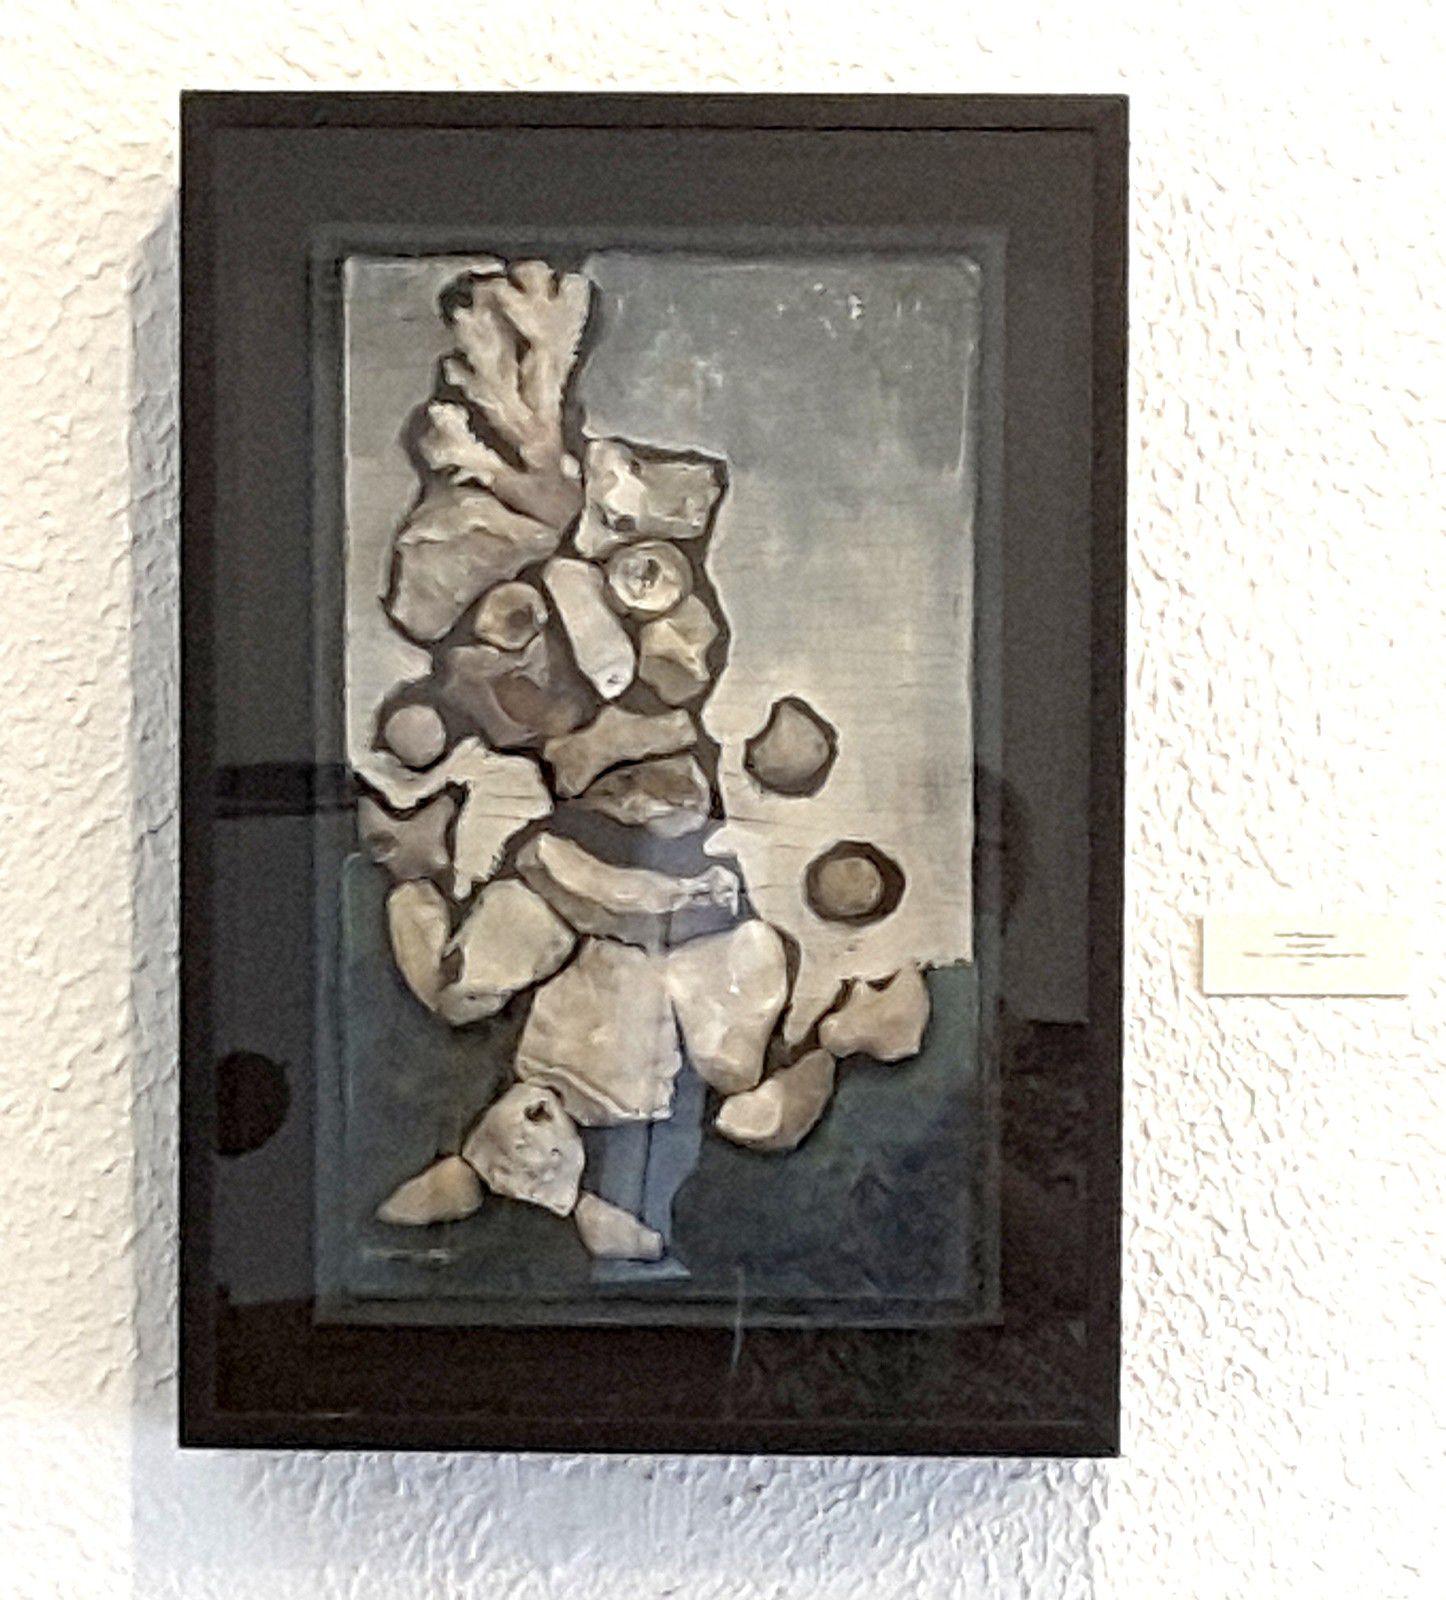 tableau réalisé avec des cailloux, Pierre Bettencourt, le jongleur.